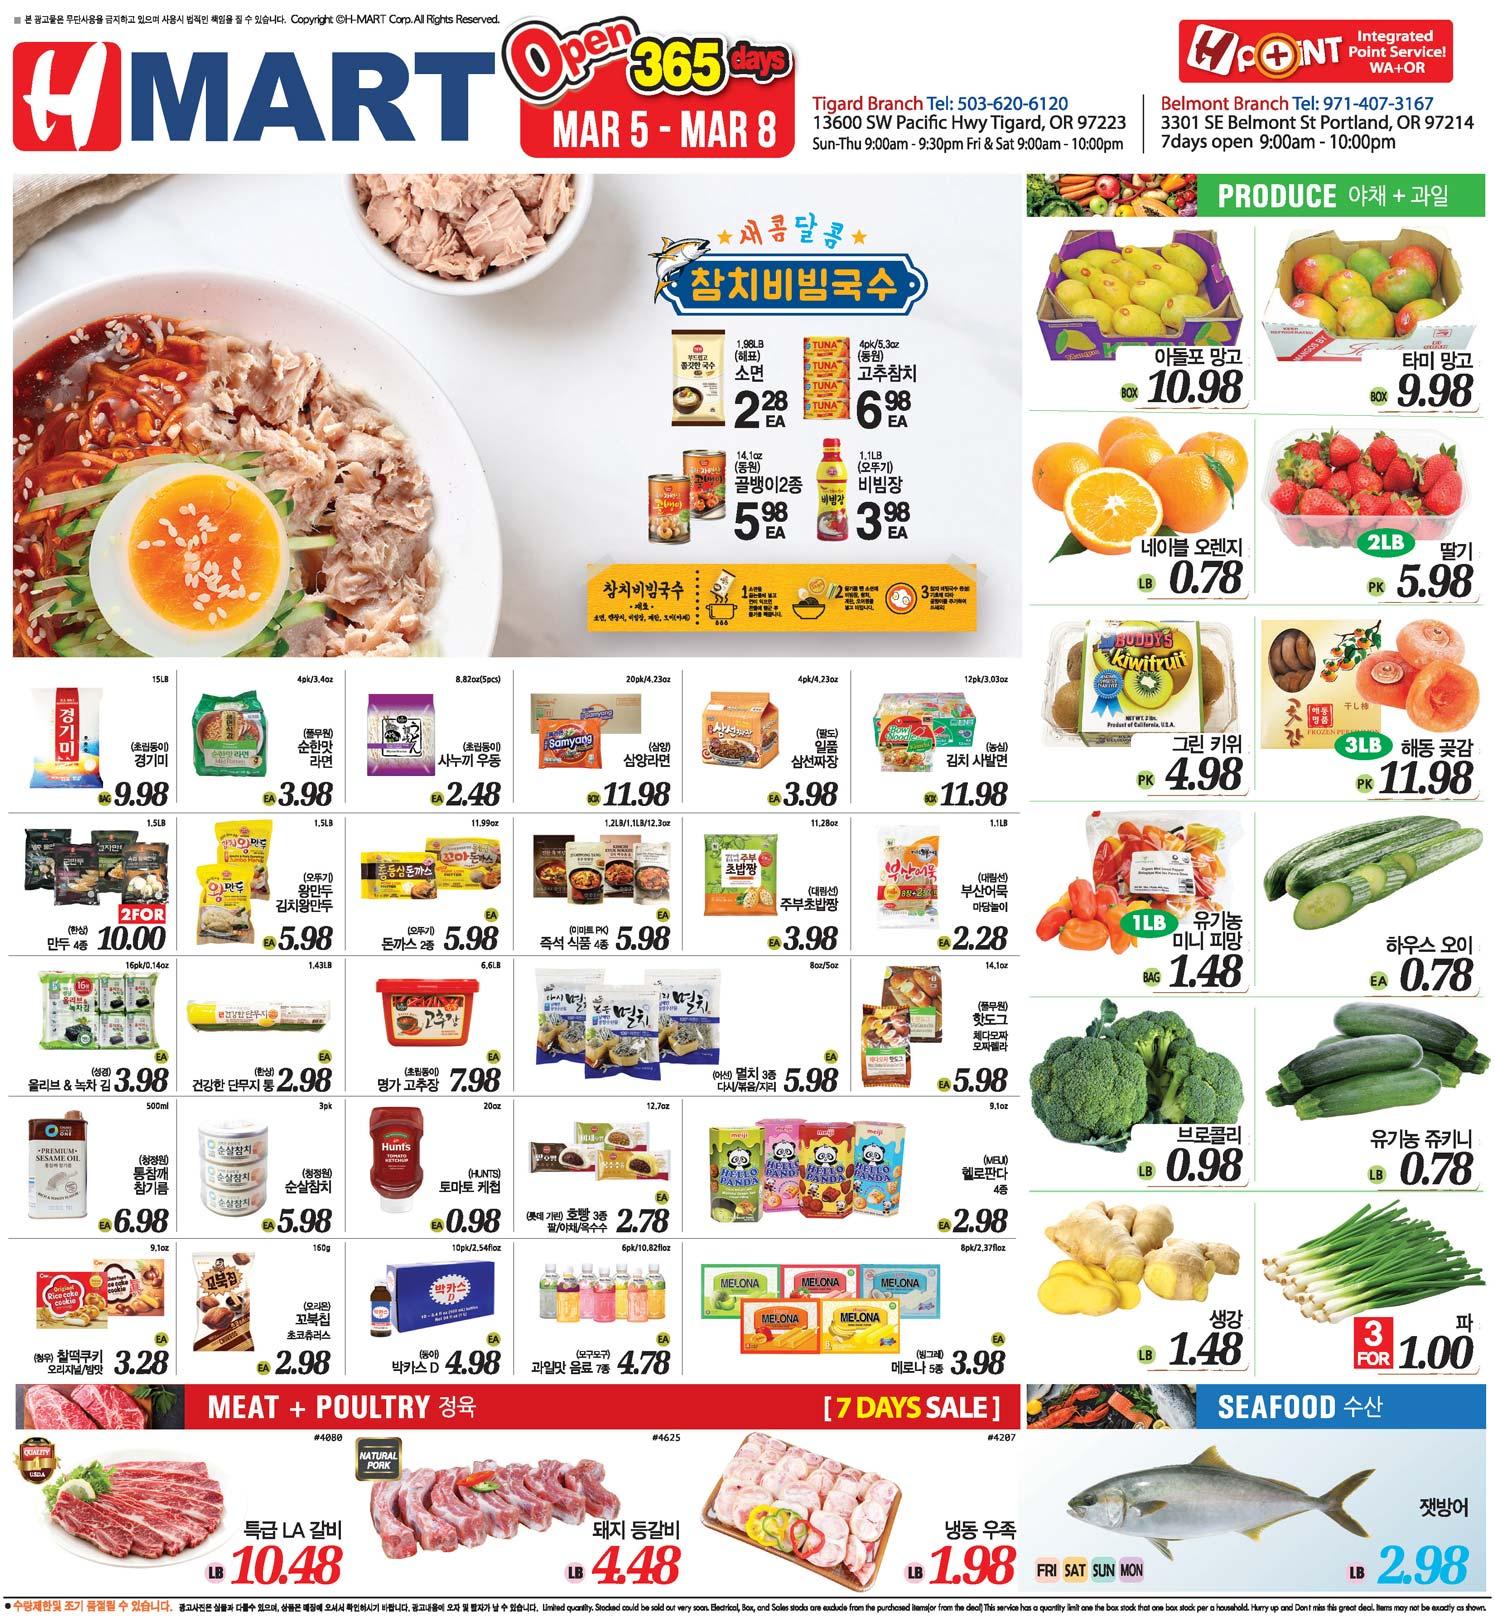 Hmart Portland Weekly Ad - Tigard 03-05-2021